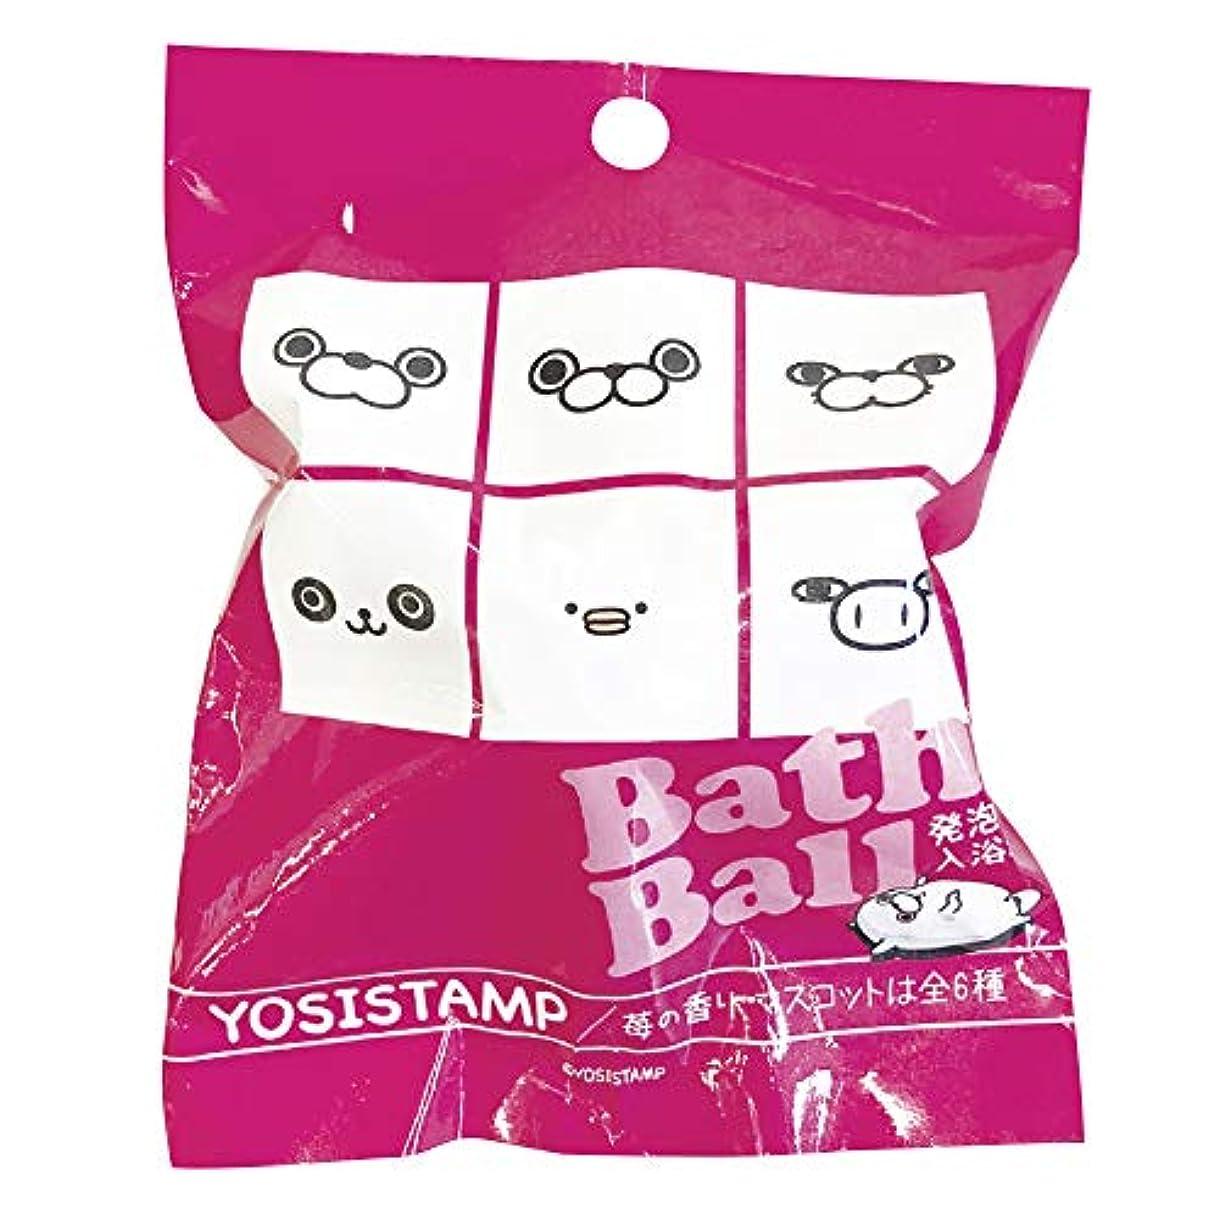 多用途増強する怖いヨッシースタンプ 入浴剤 バスボール おまけ付き イチゴの香り ABD-004-002